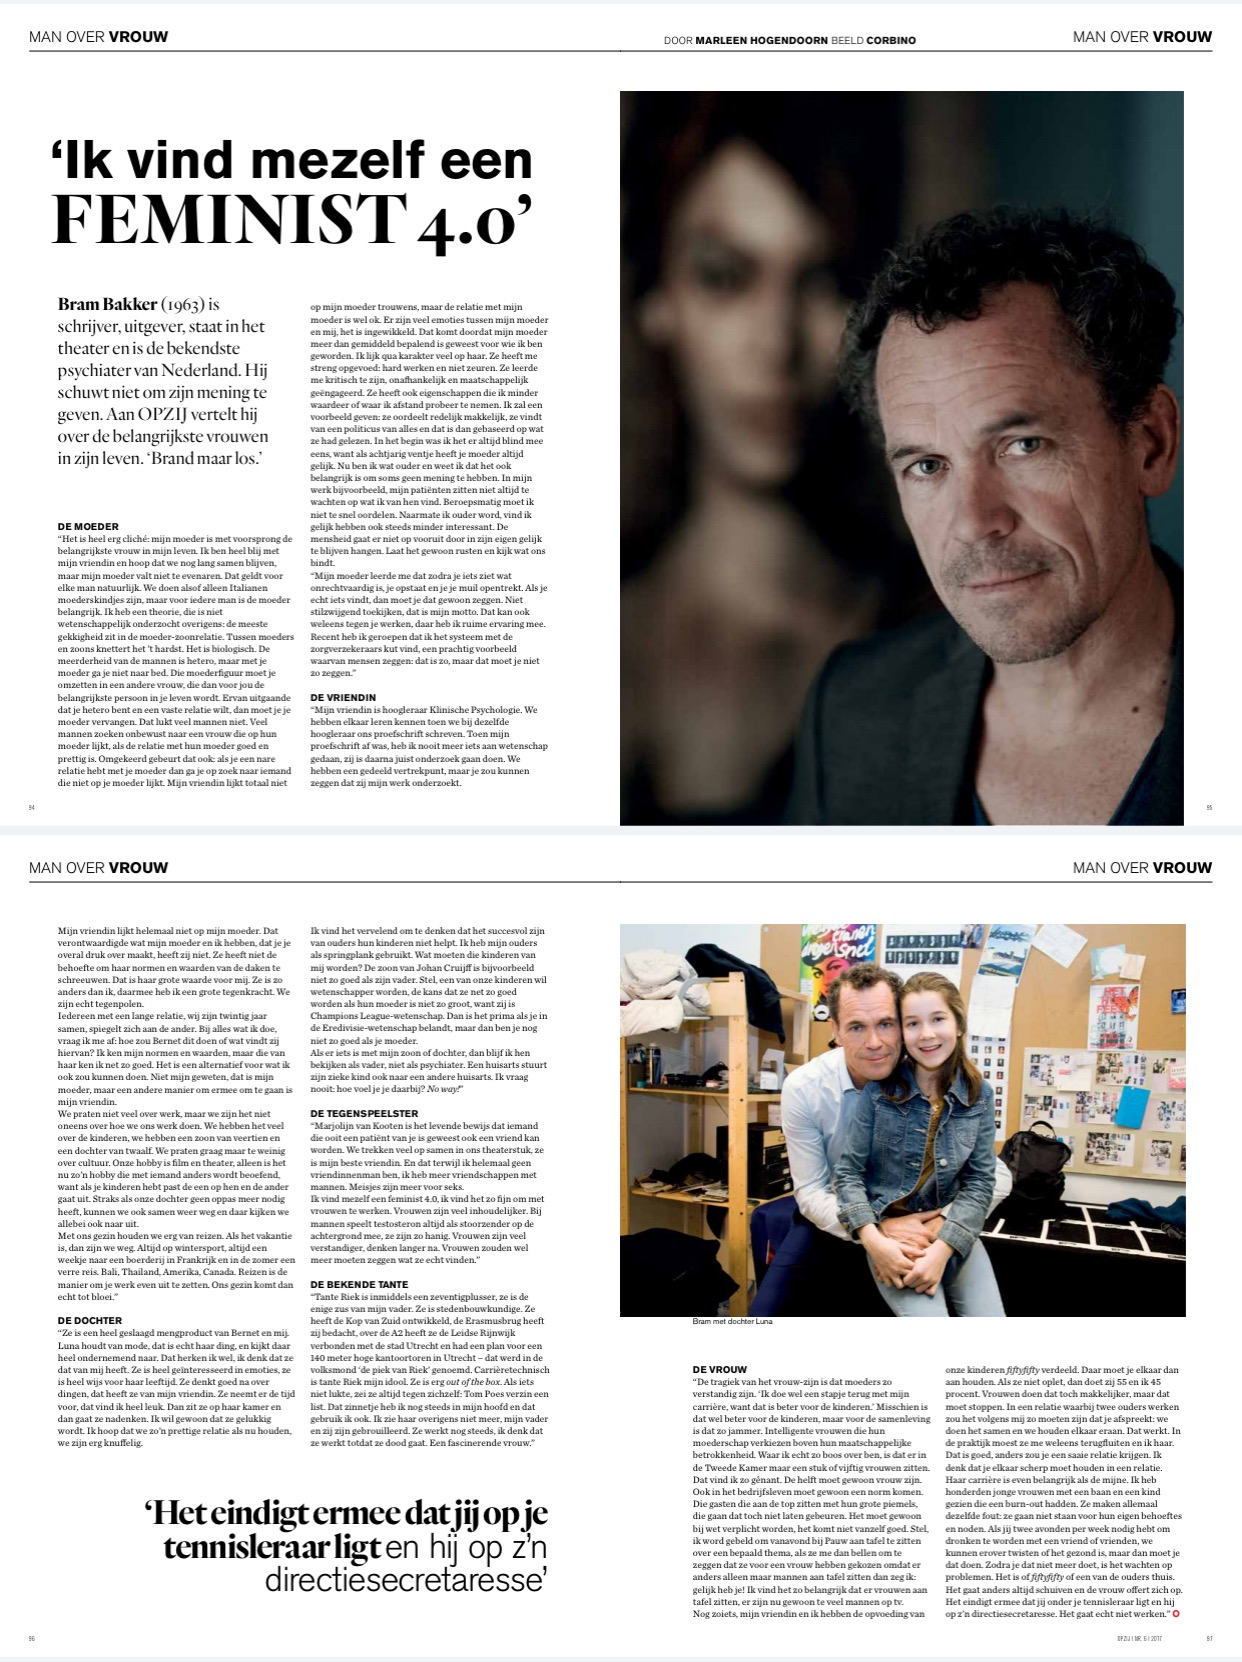 'Ik vind mezelf een FEMINIST 4.0'